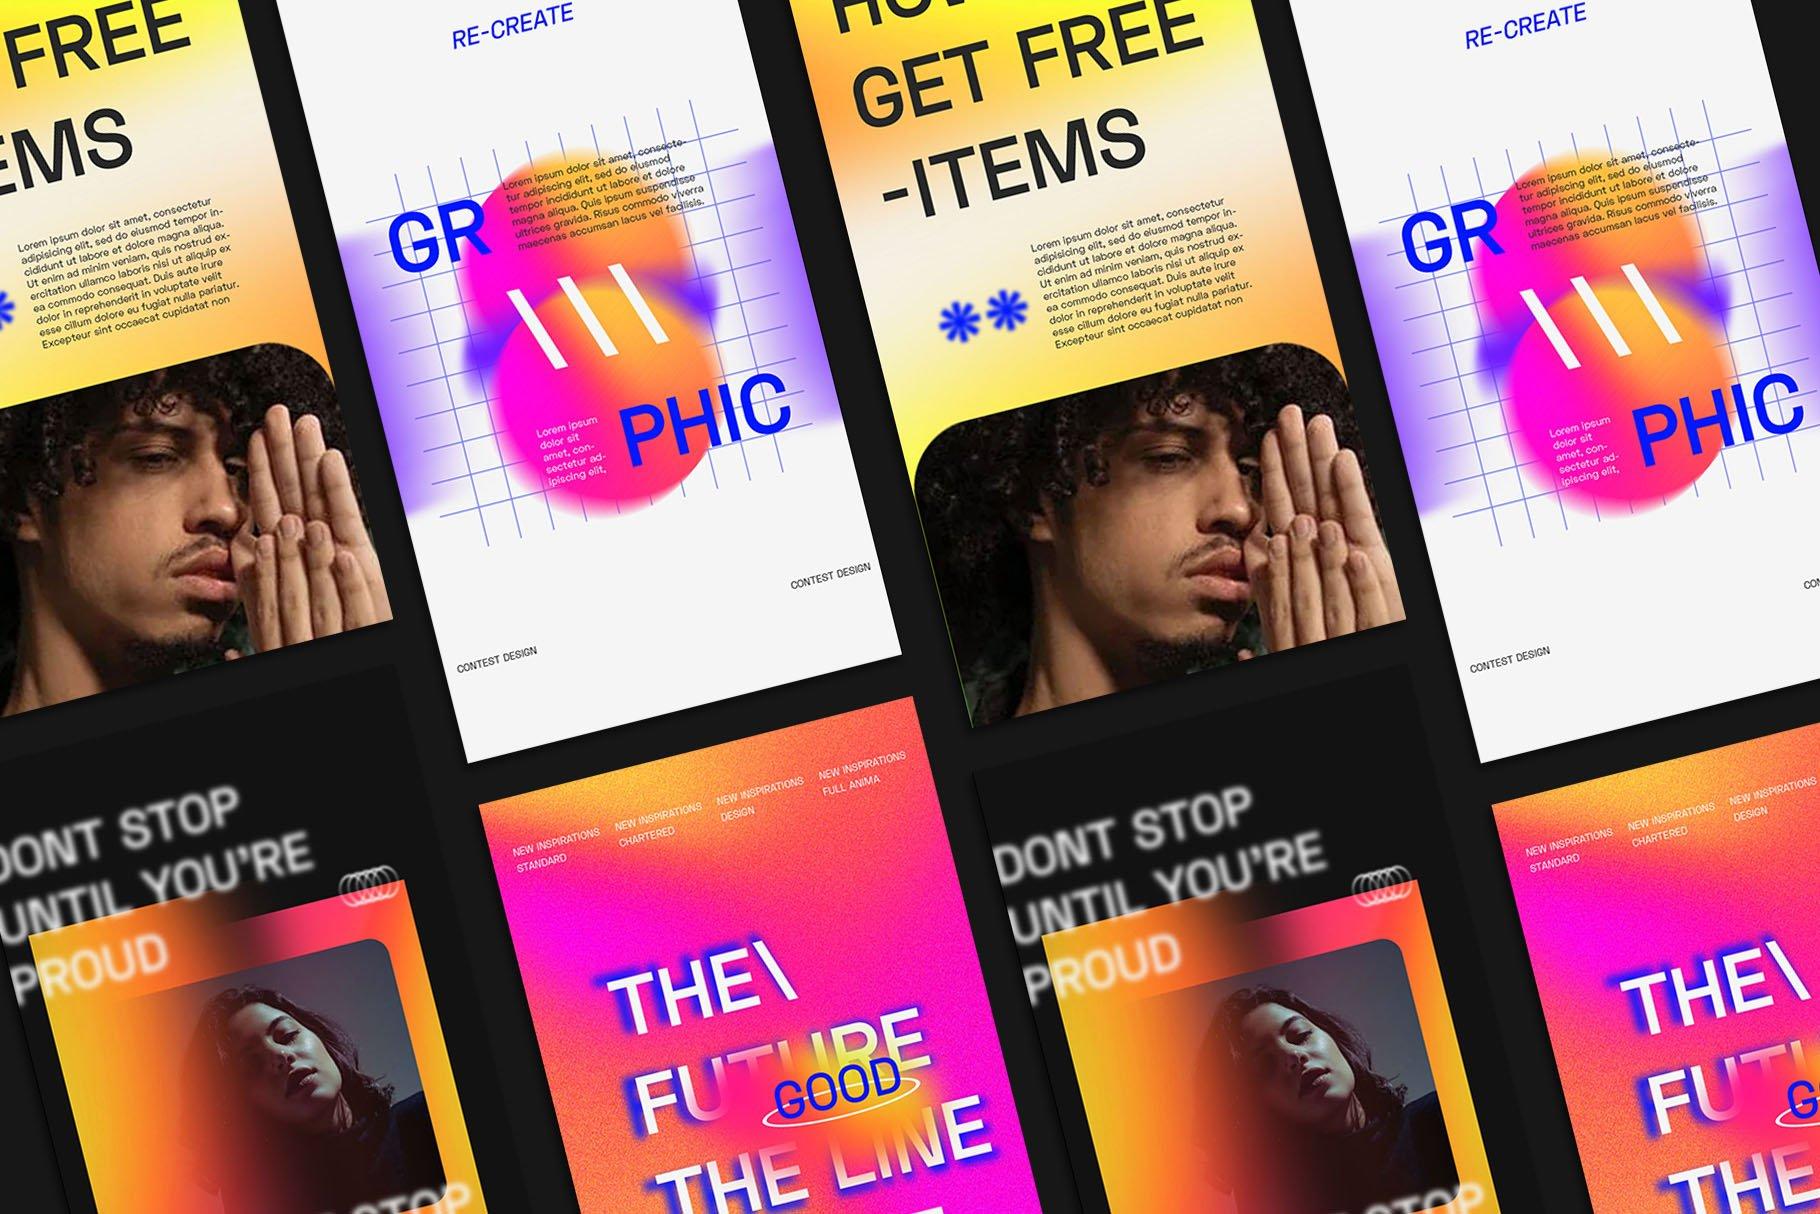 时尚潮流虹彩渐变品牌推广新媒体电商海报设计PSD模板素材 Gradiyent Instagram Templates插图3